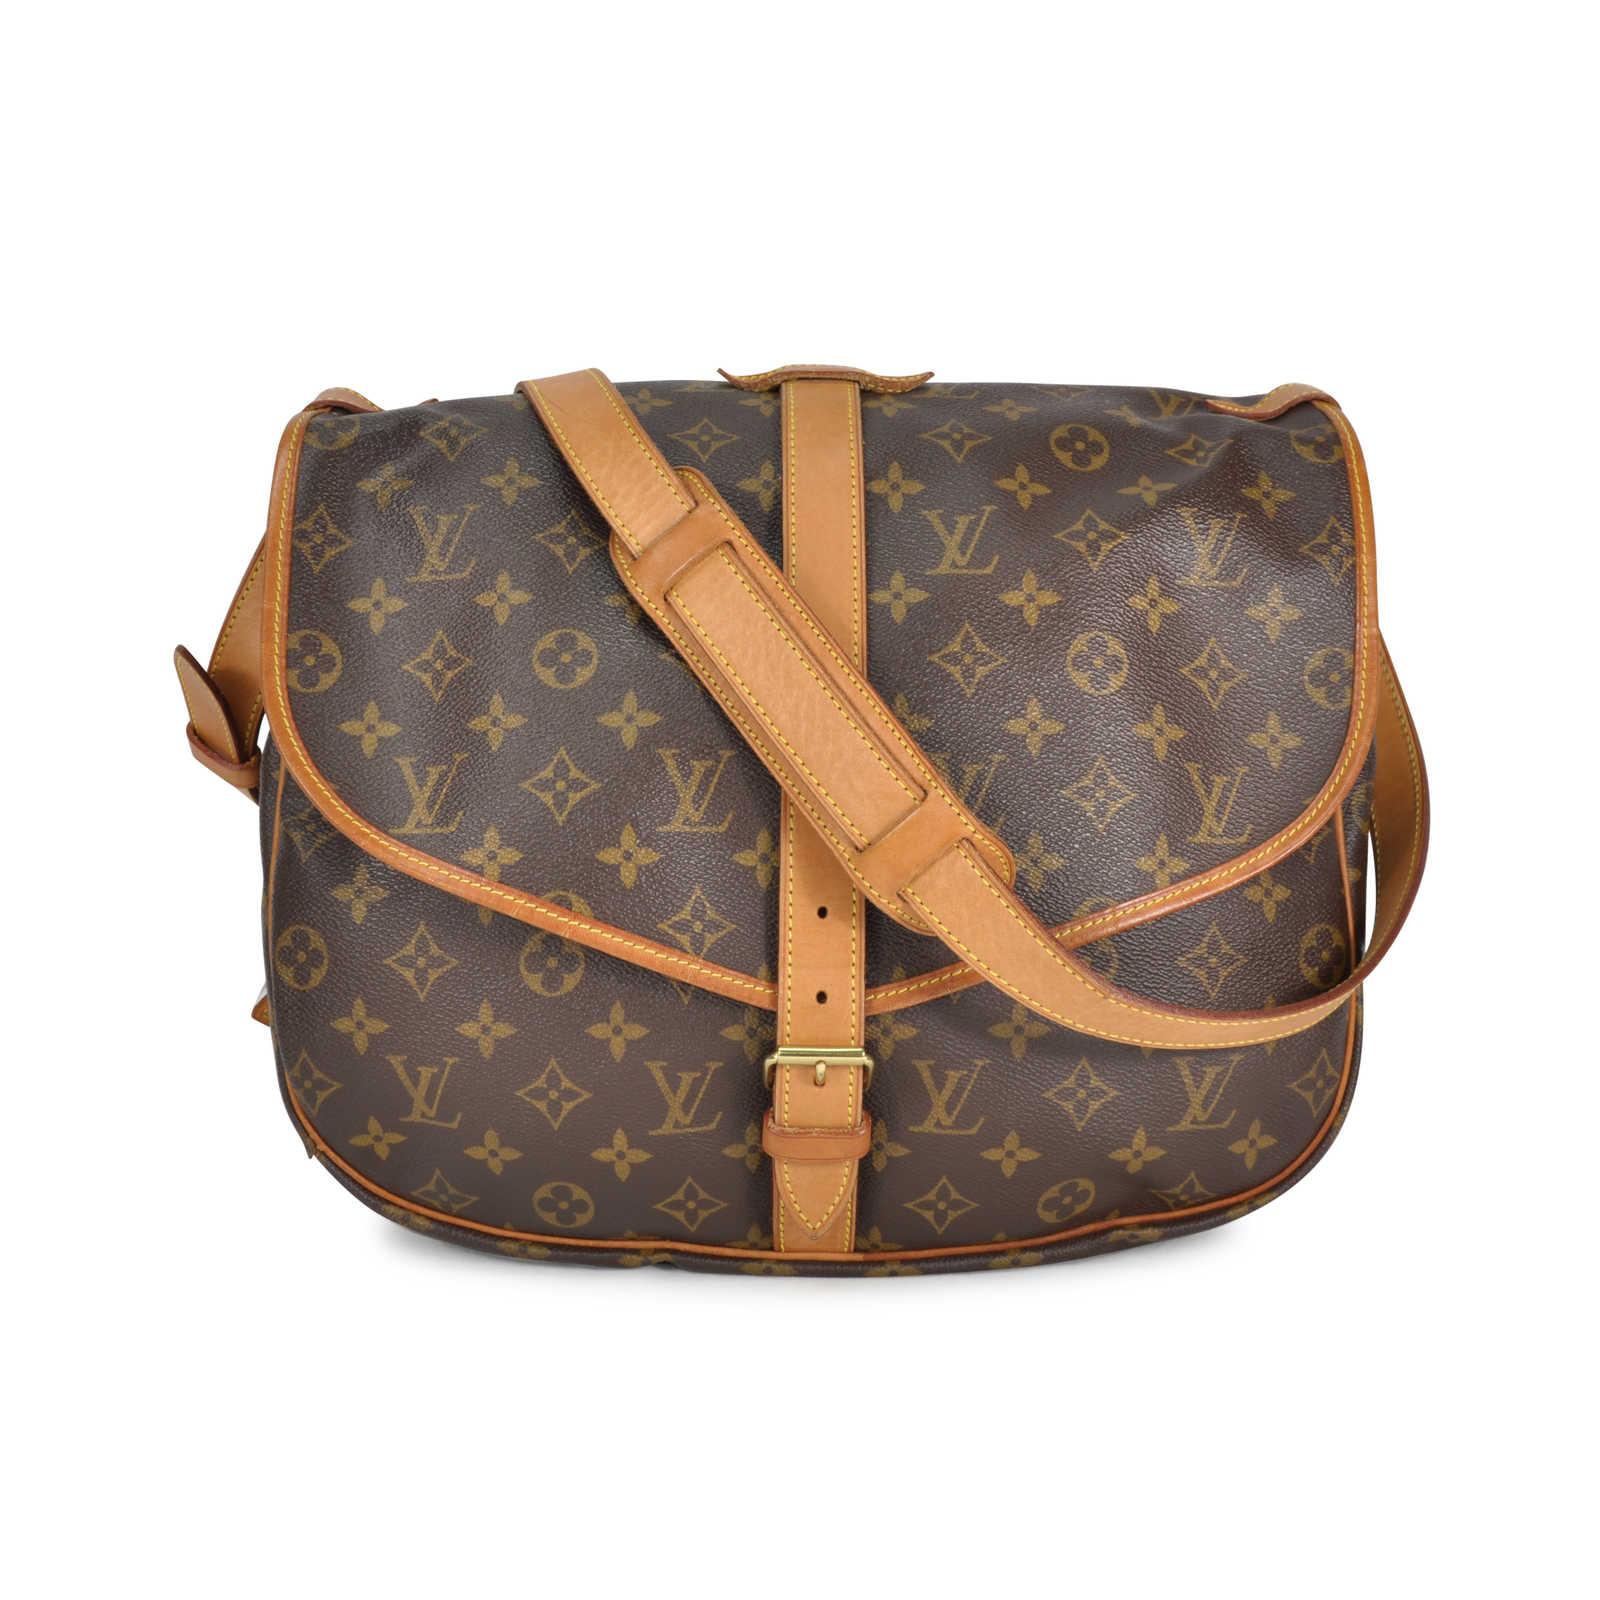 e8aea73bbd92 Tap to expand · Authentic Vintage Louis Vuitton Saumur Crossbody bag  (TFC-107-00037) - Thumbnail ...